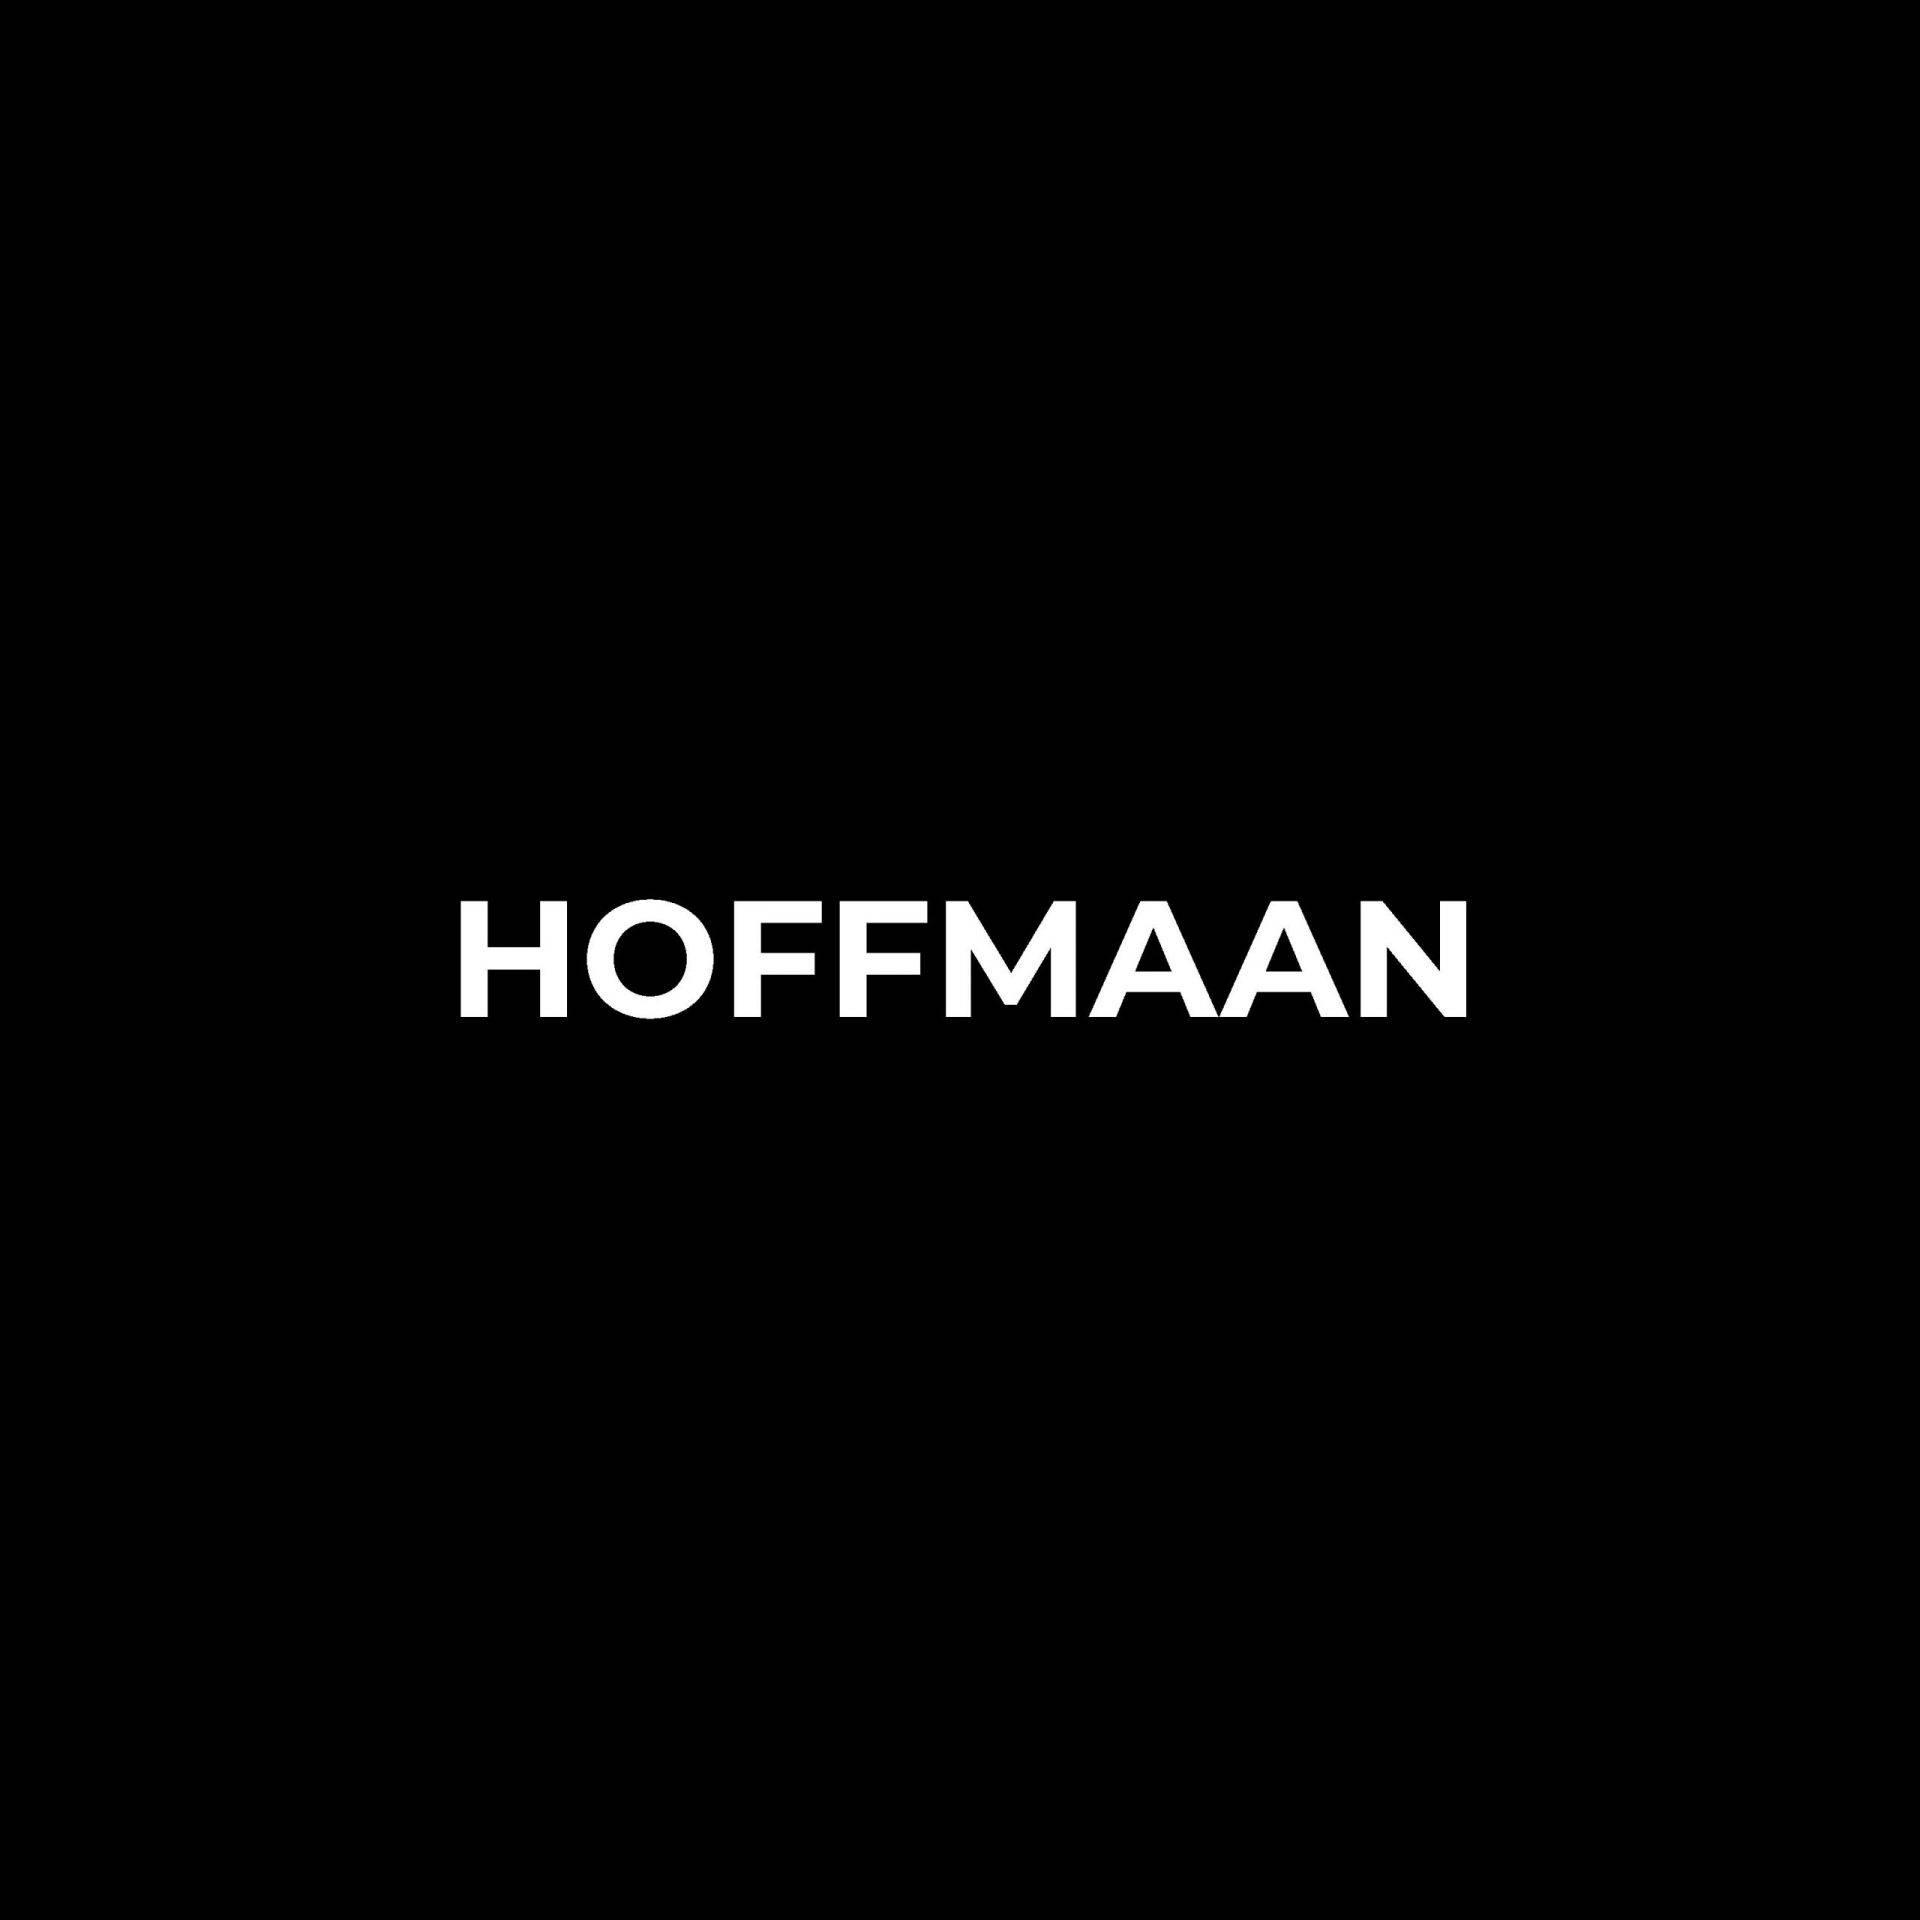 brandon hoffmaan artist name